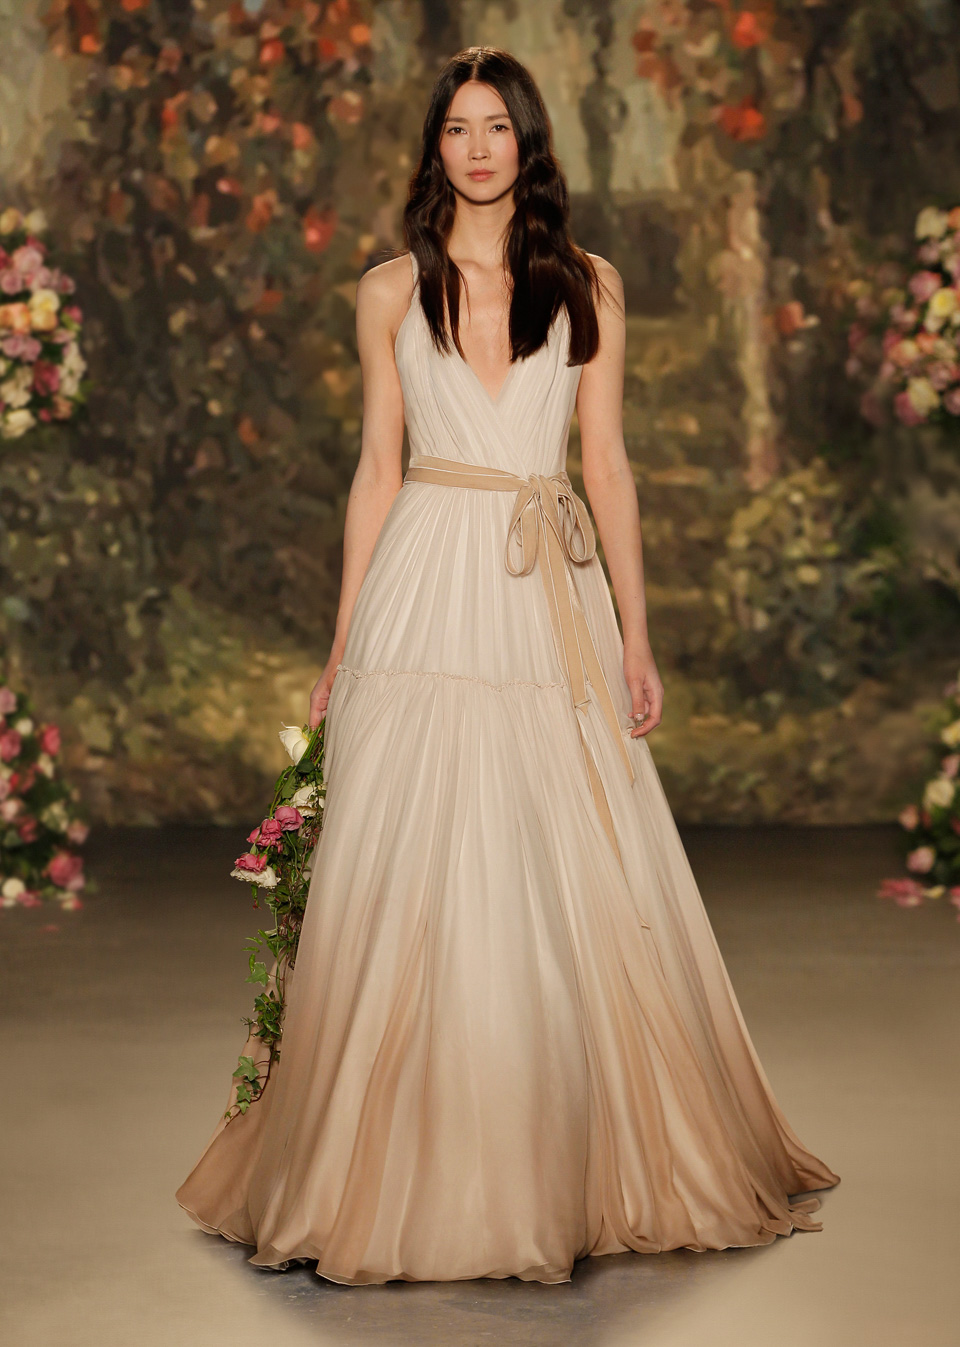 4a1ec5de75c72 JPB Cressida Jenny Packham Bridal Wear Collection - Jenny Packham - The 2016  Collection